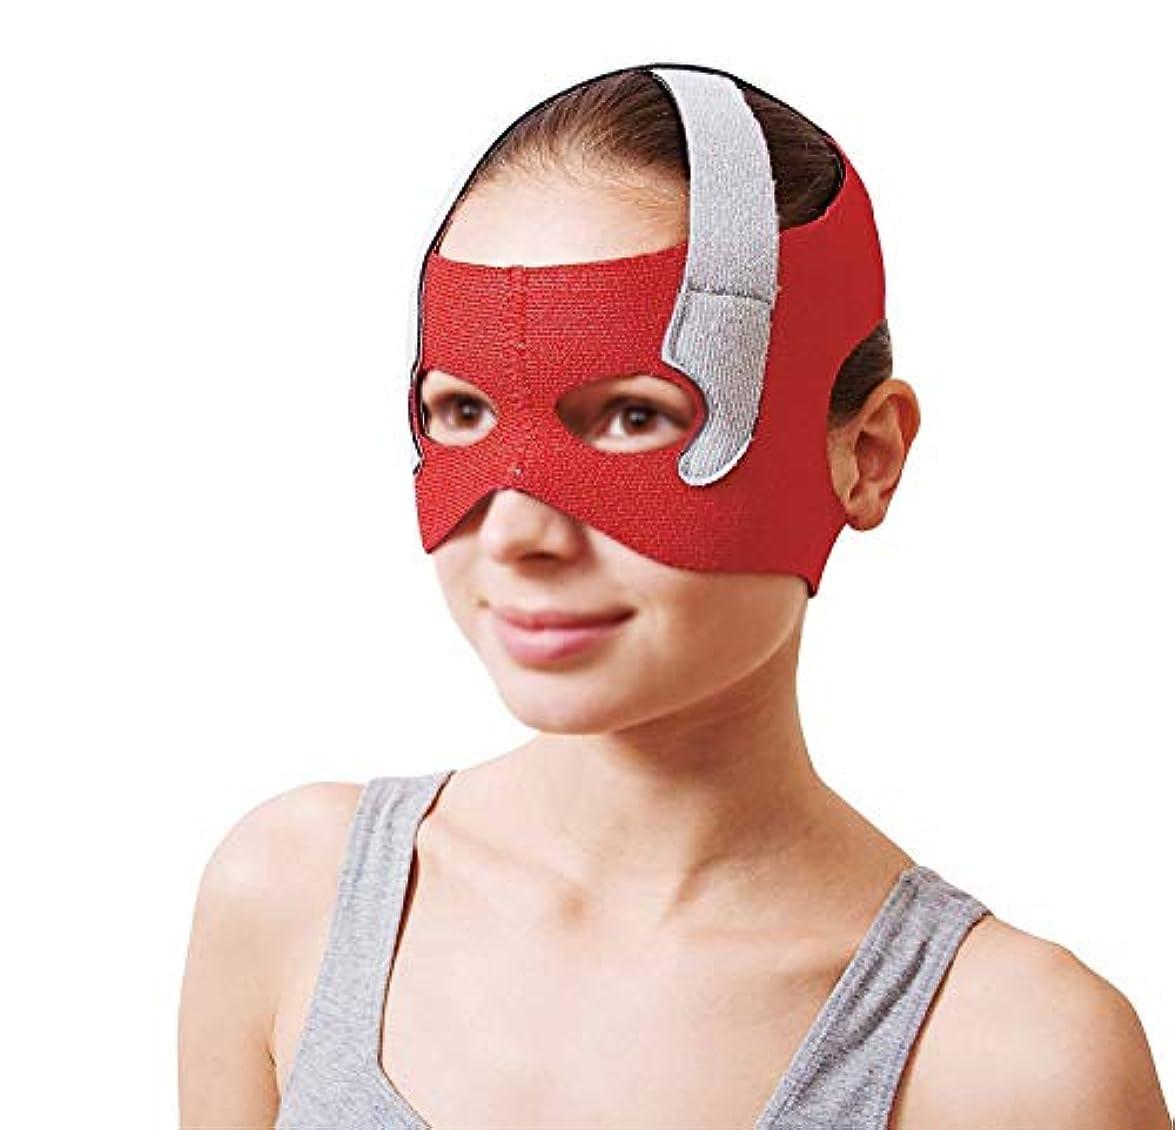 酸化物チップ悔い改めるGLJJQMY フェイシャルリフティングマスク回復包帯ヘッドギアマスクシンフェイスマスクアーティファクト美容ベルトフェイシャルとネックリフティングフェイシャル円周57-68 cm 顔用整形マスク